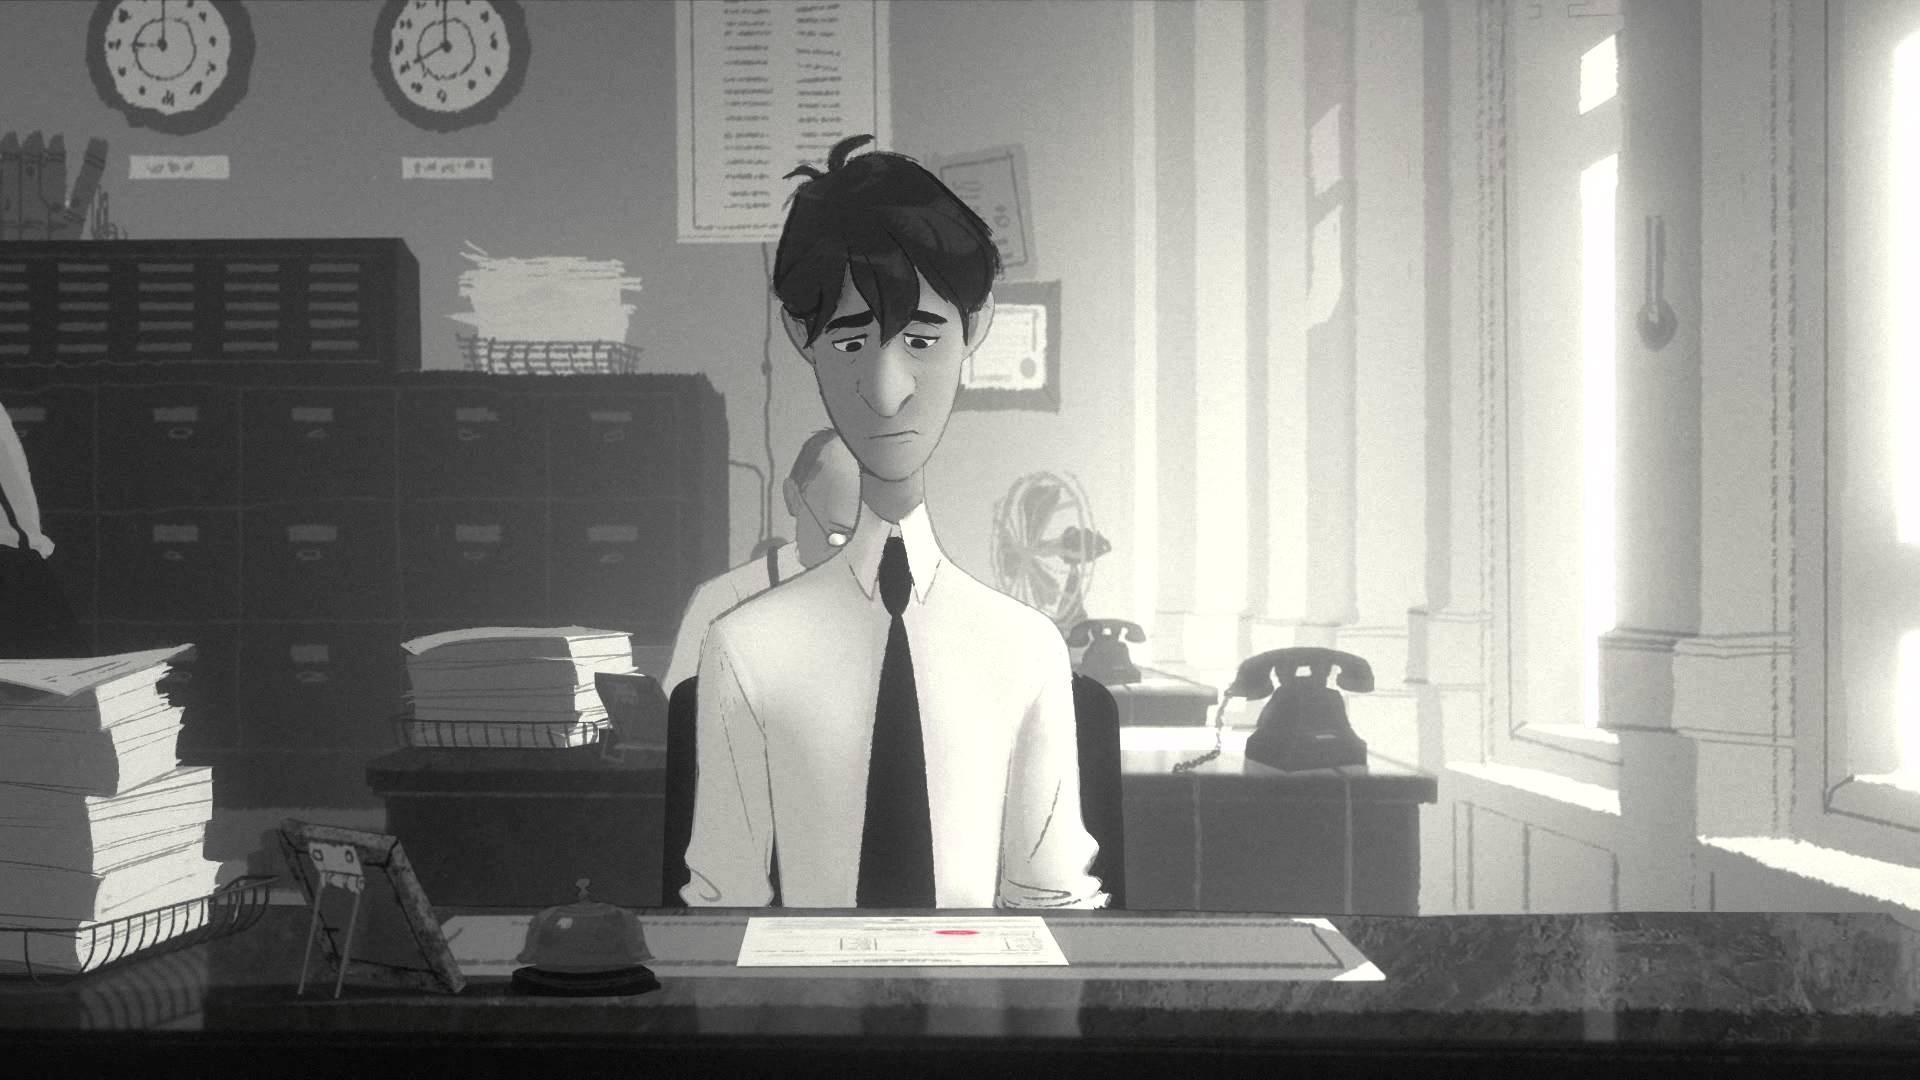 8 phim hoạt hình ngắn xuất sắc dành cho những mọt phim… lười cày phim dài - Ảnh 17.